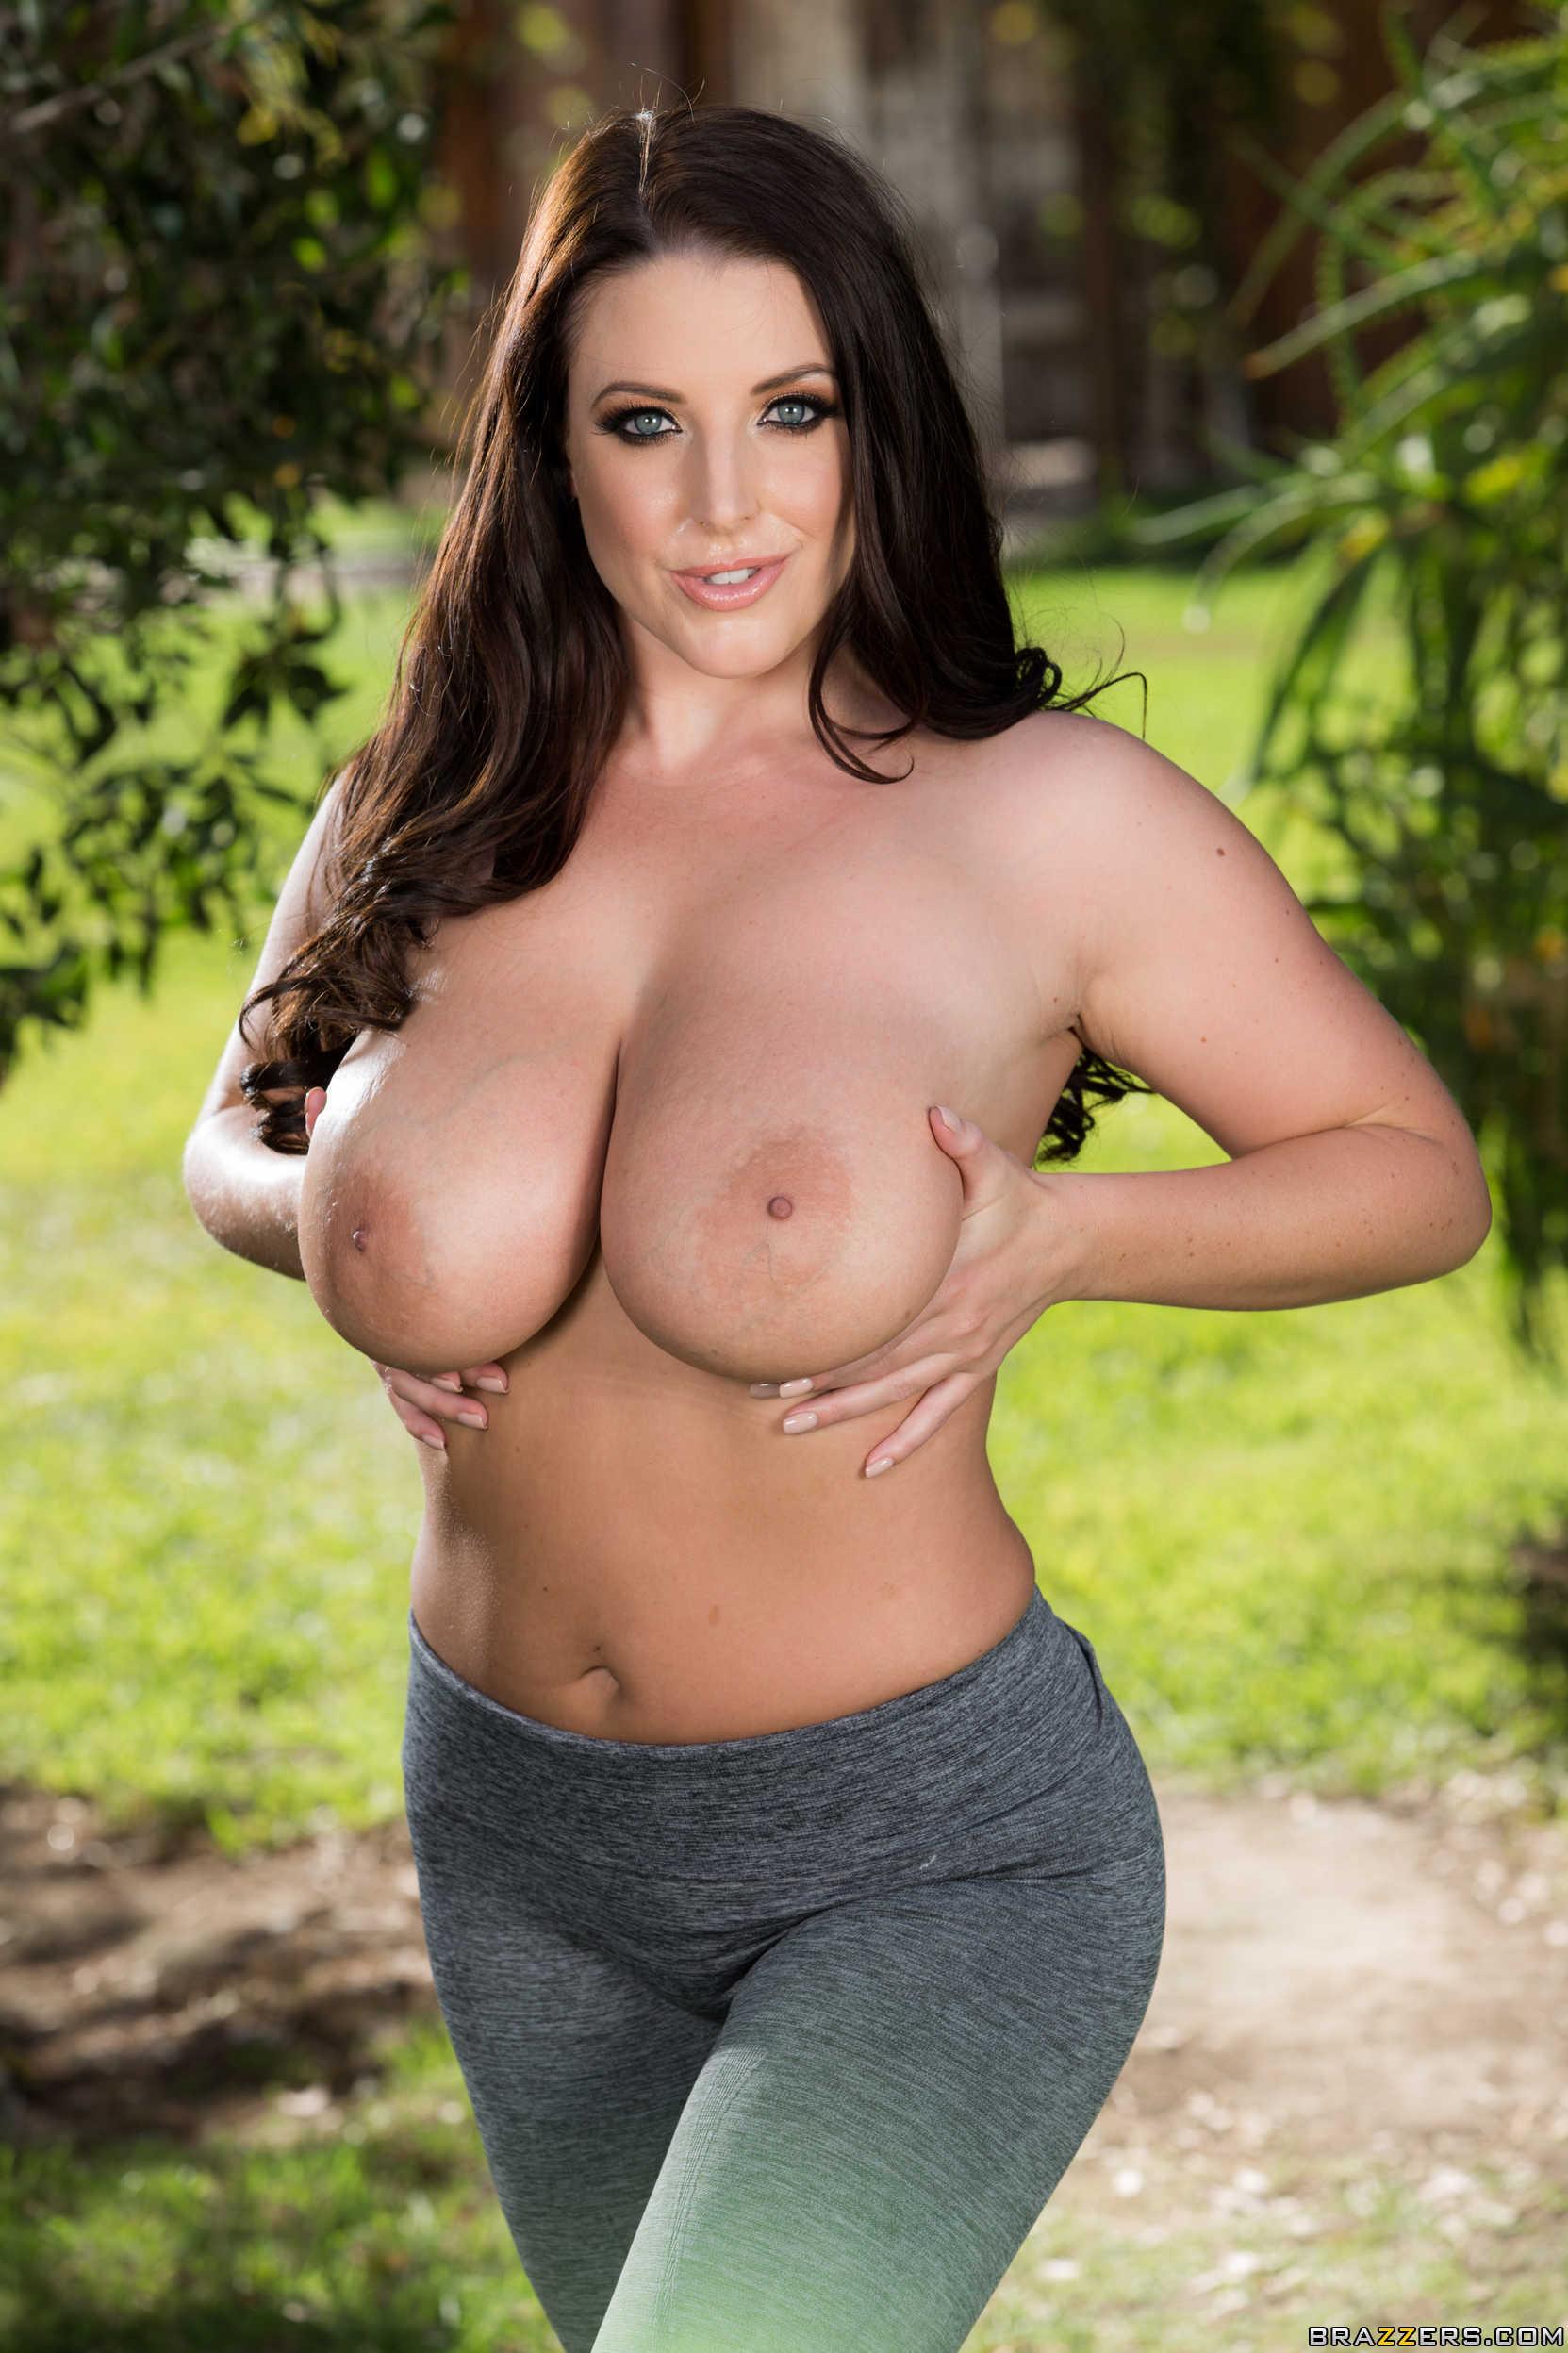 Bridgette nude yoga right!